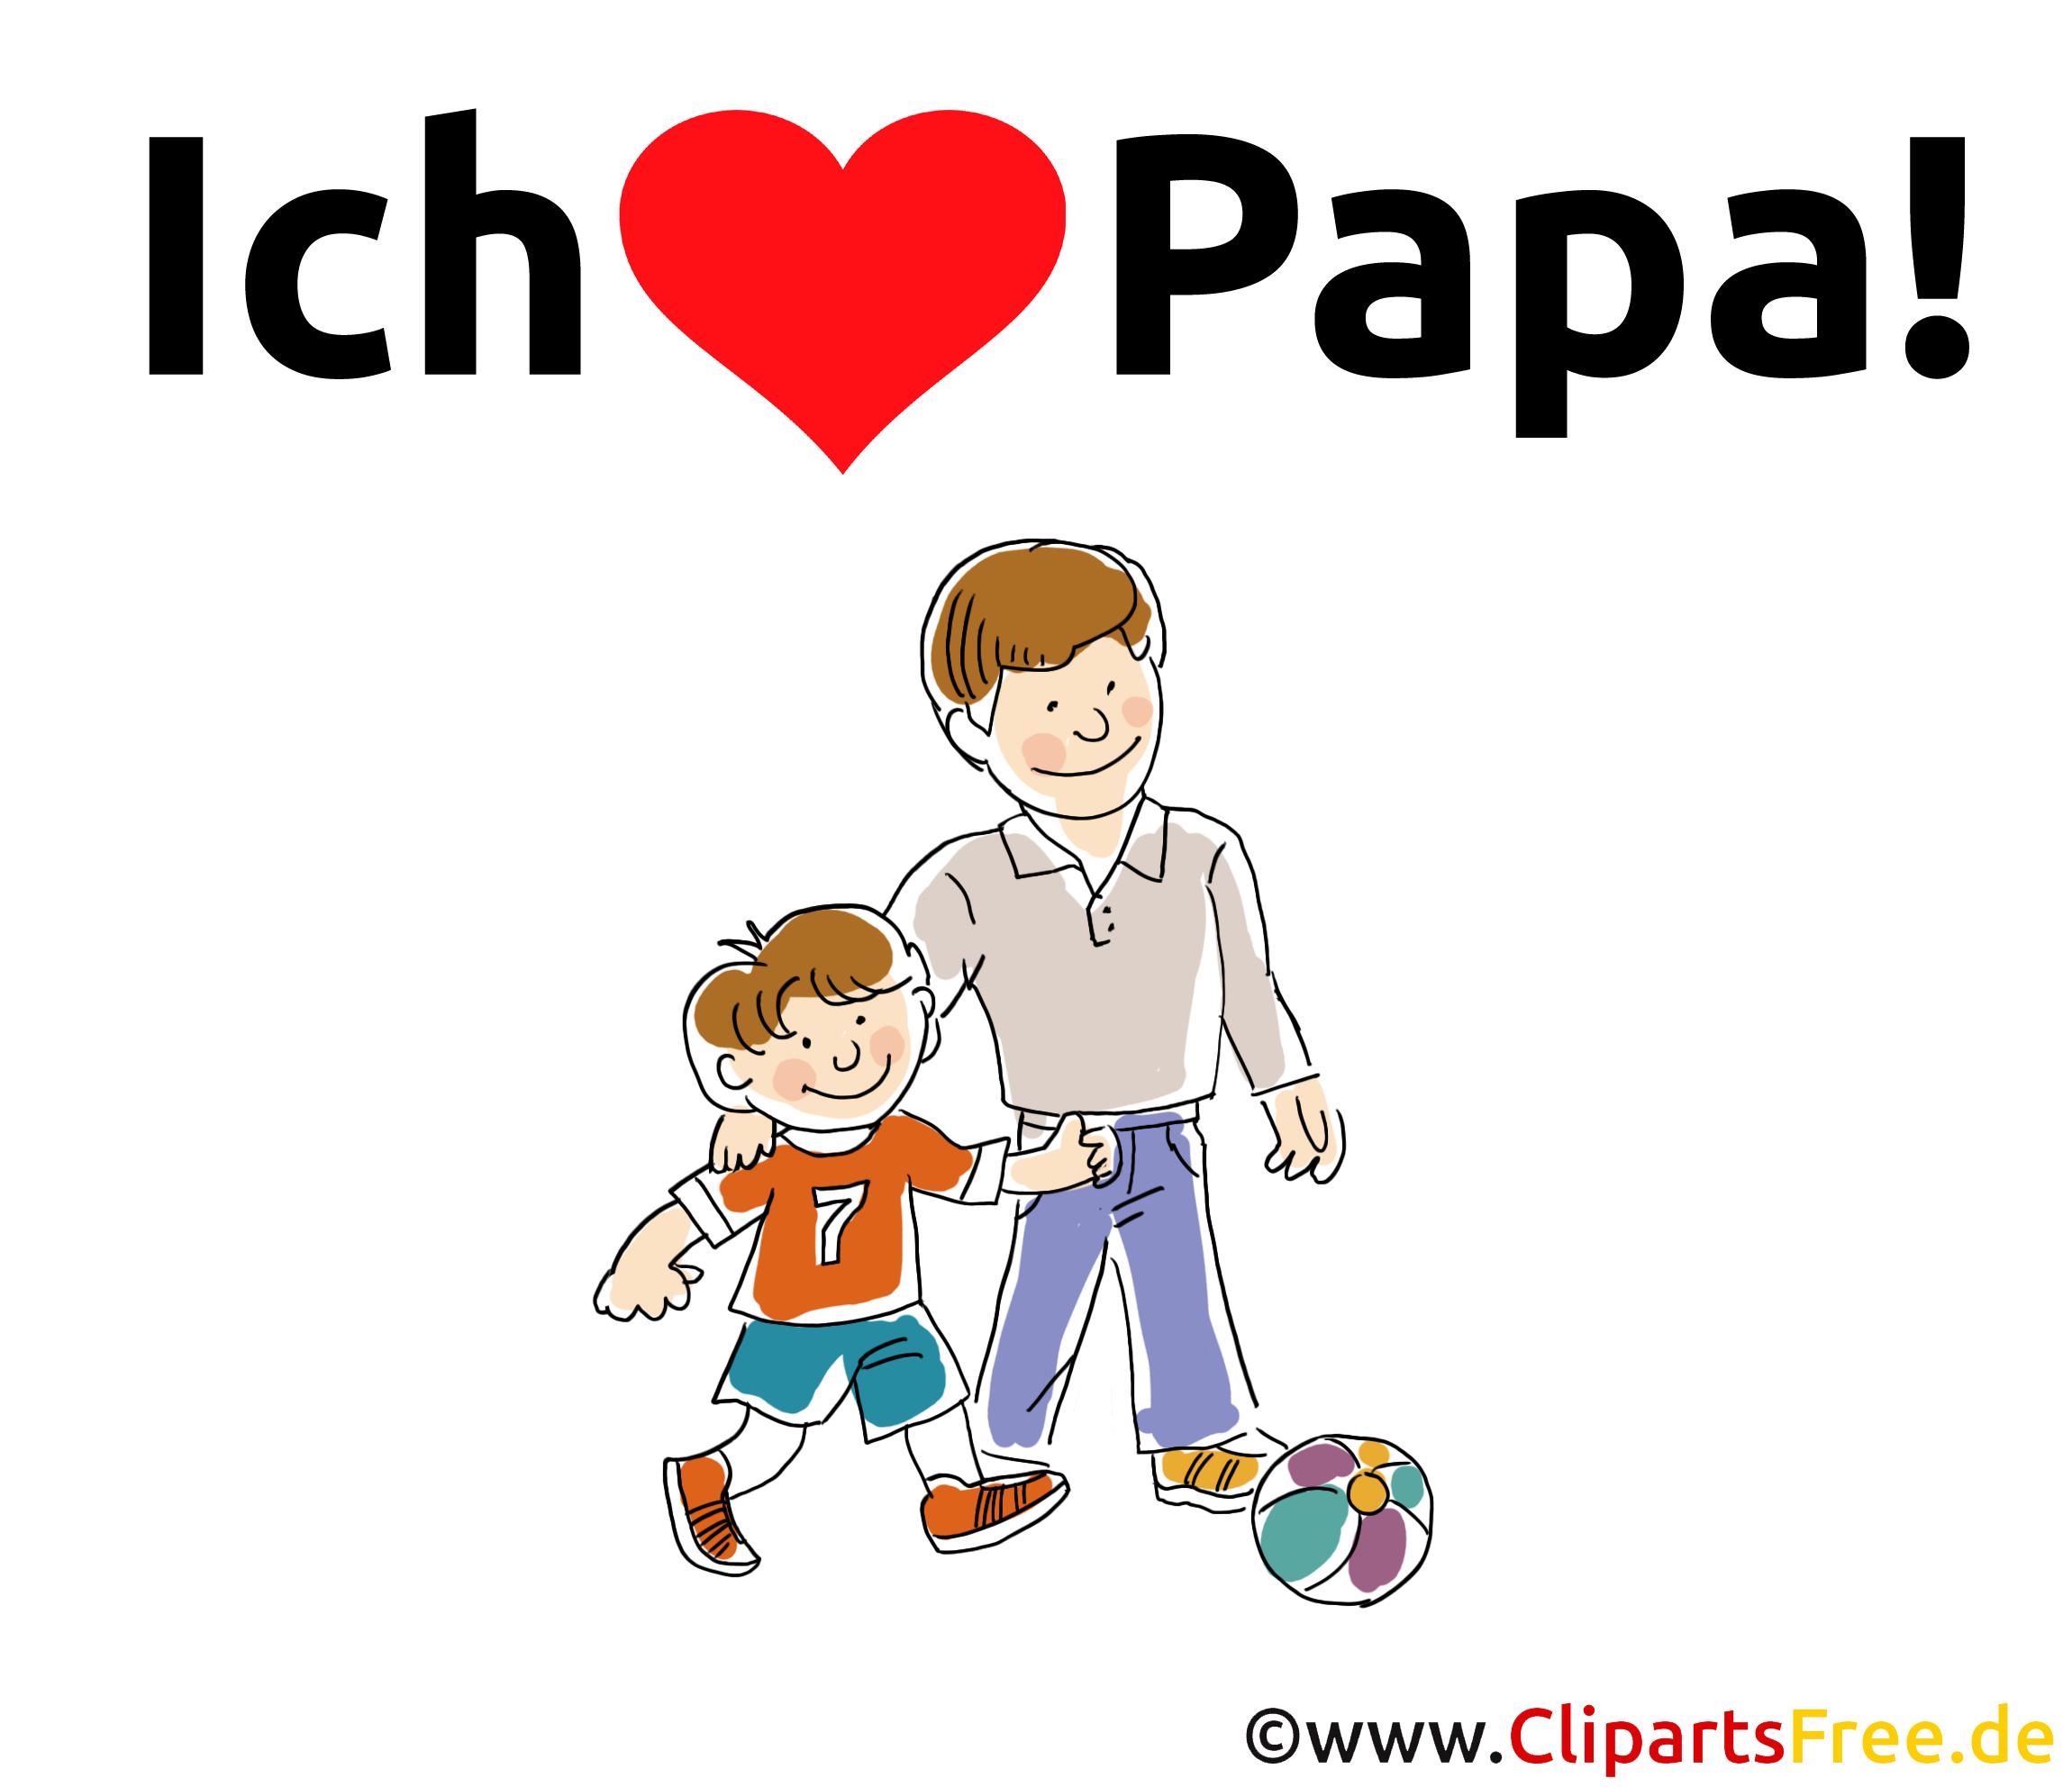 Bilder mit schönen Sprüchen zum Vatertag